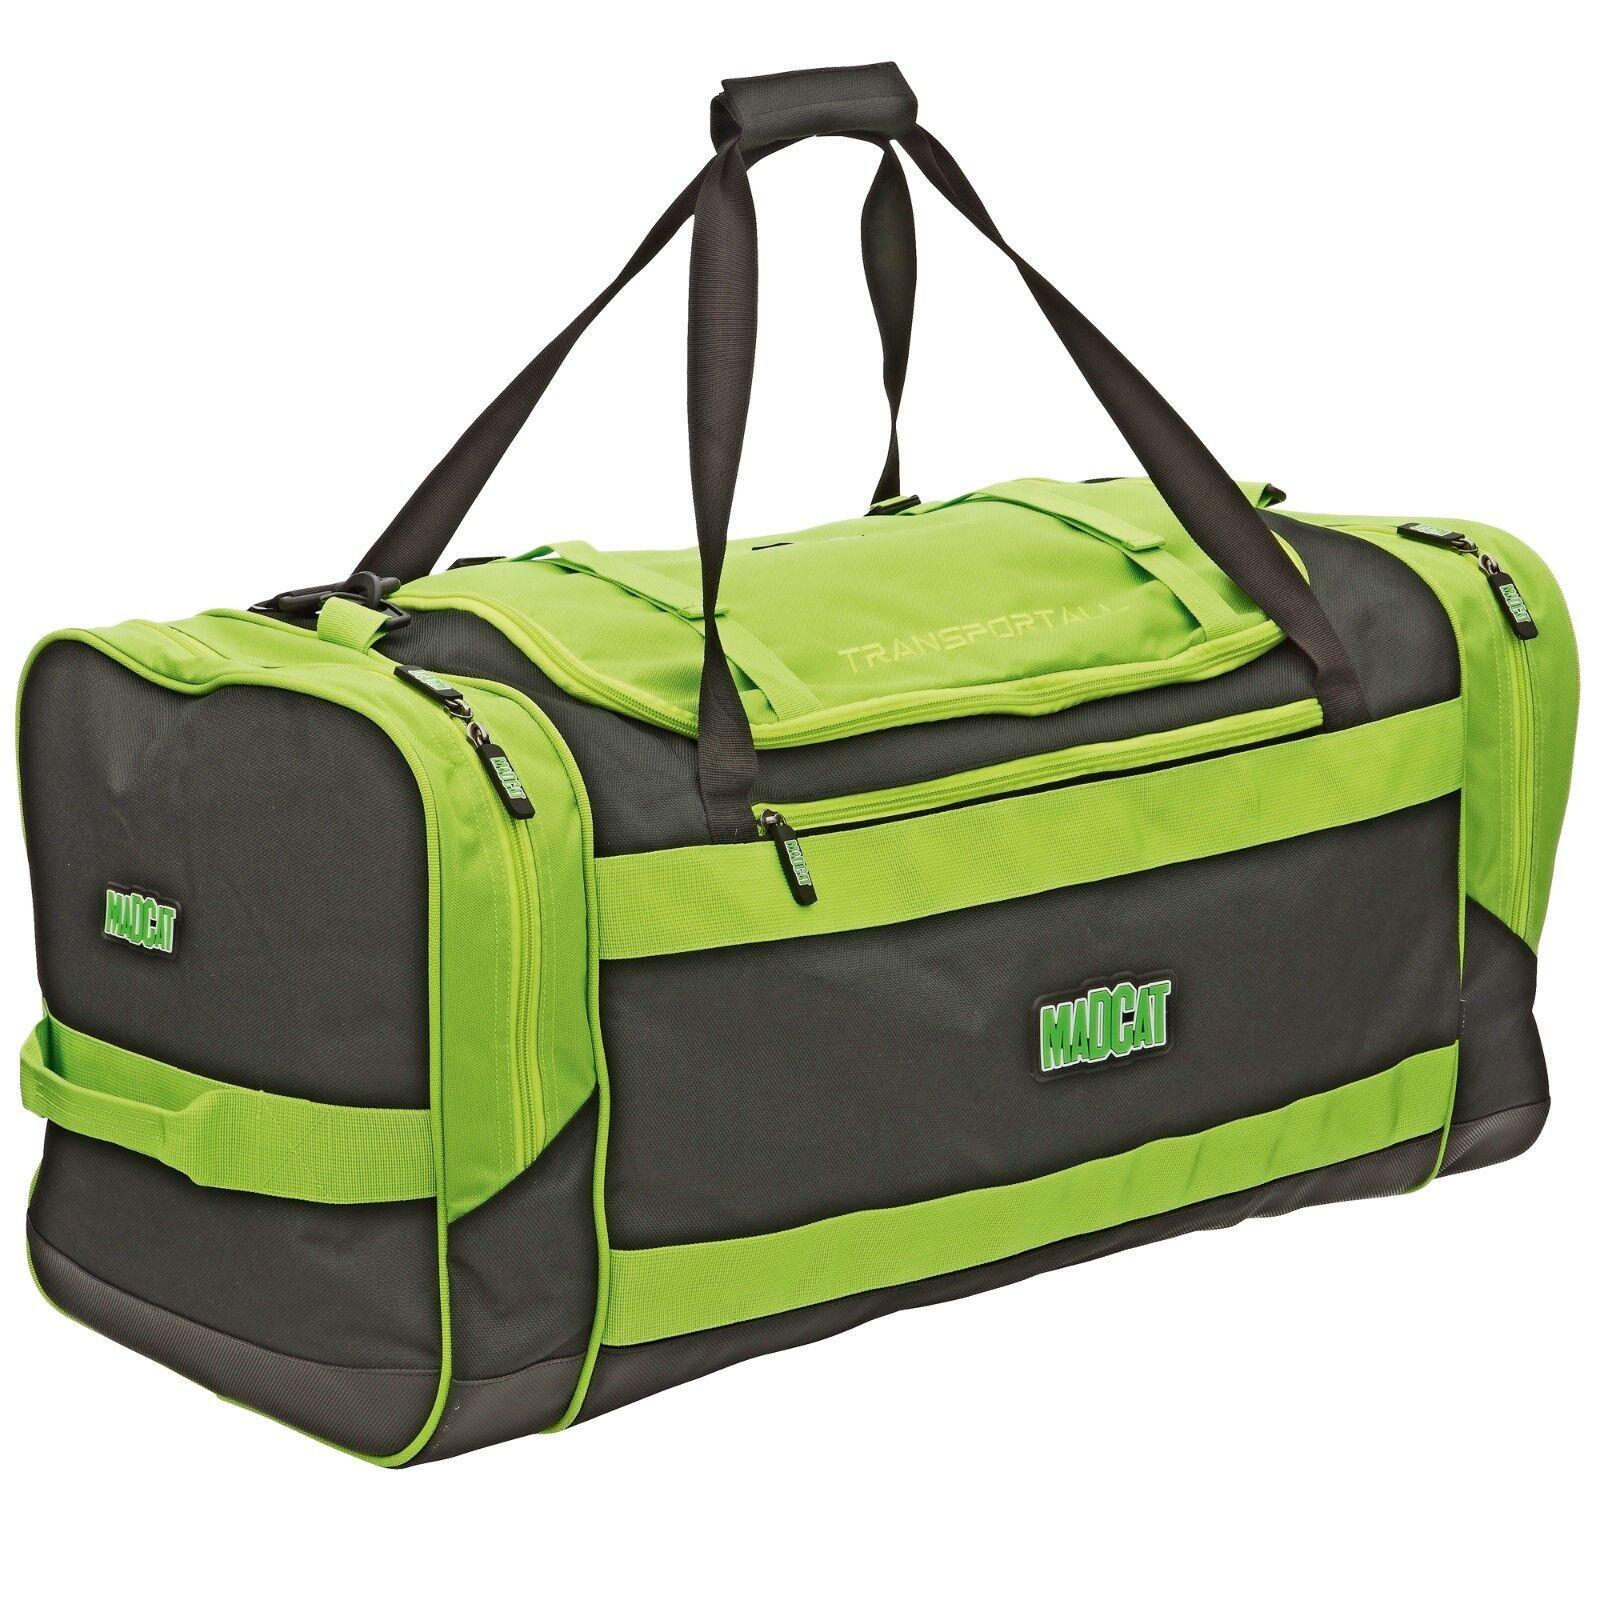 DAM MADCAT Transportall - Tasche für Welsangler, Waller, Maße: 80 x 40 x 40 cm